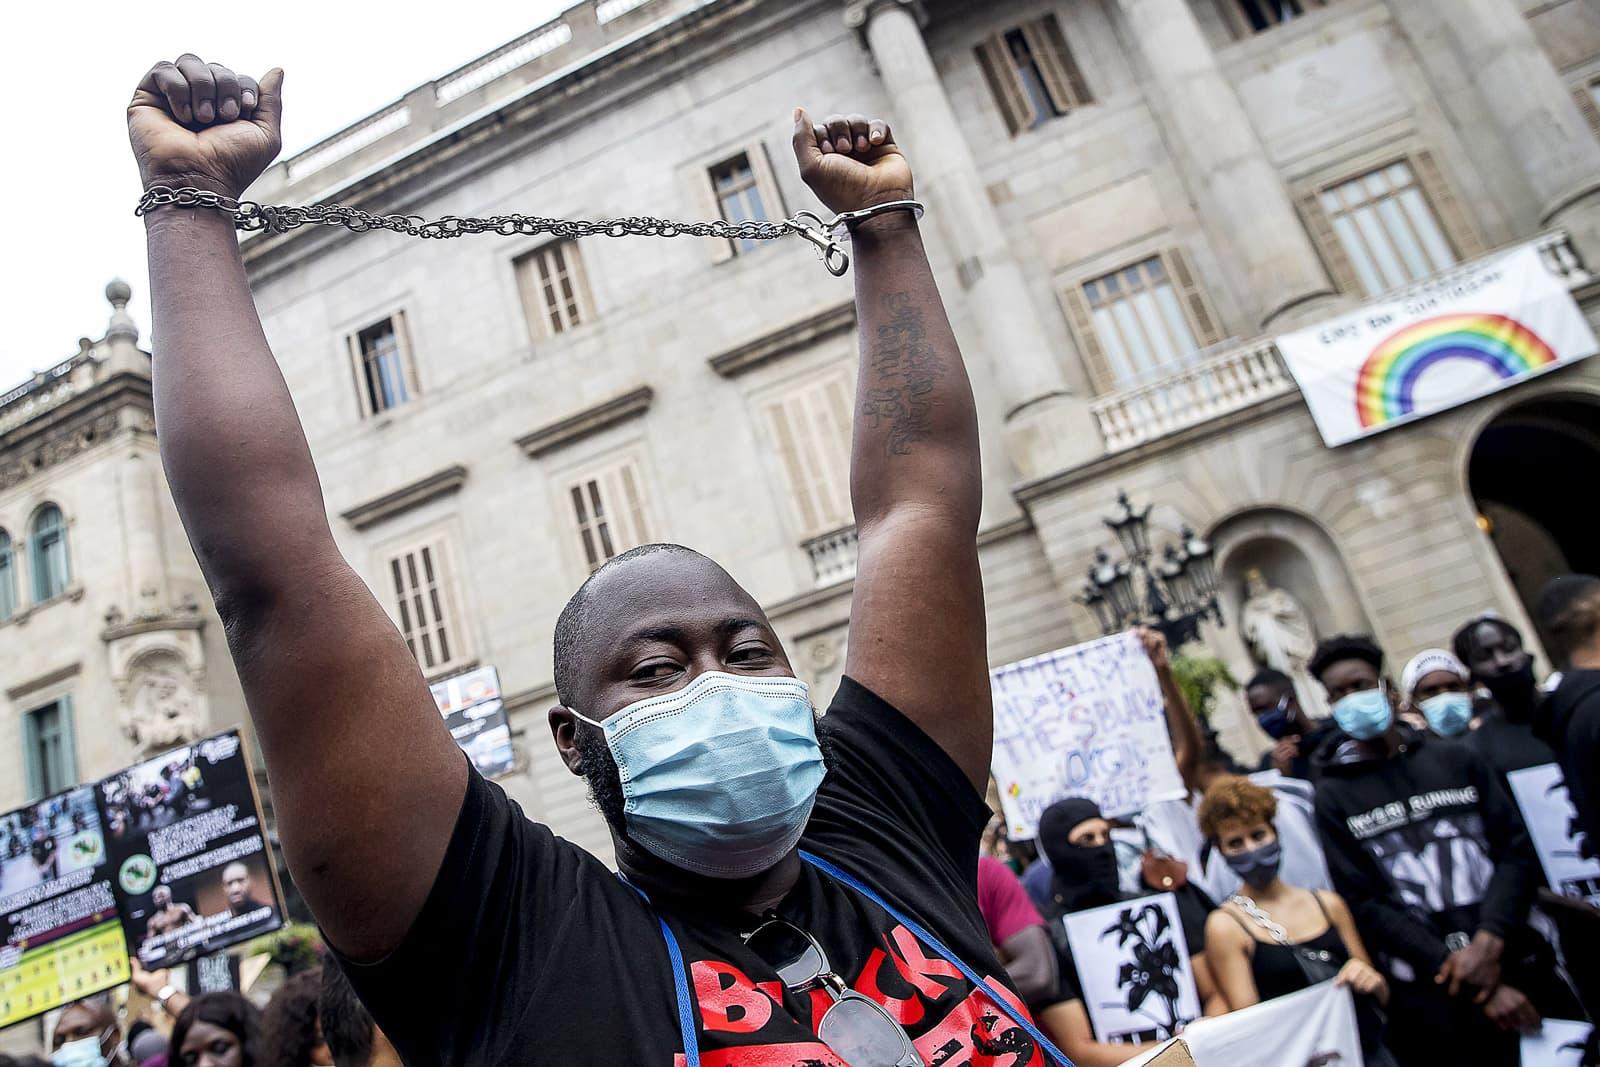 Manifestació a la plaça de Sant Jaume el 7 de juny per la mort de George Floyd. Fotografia d'Albert Llop. NurPhoto. Zuma Press